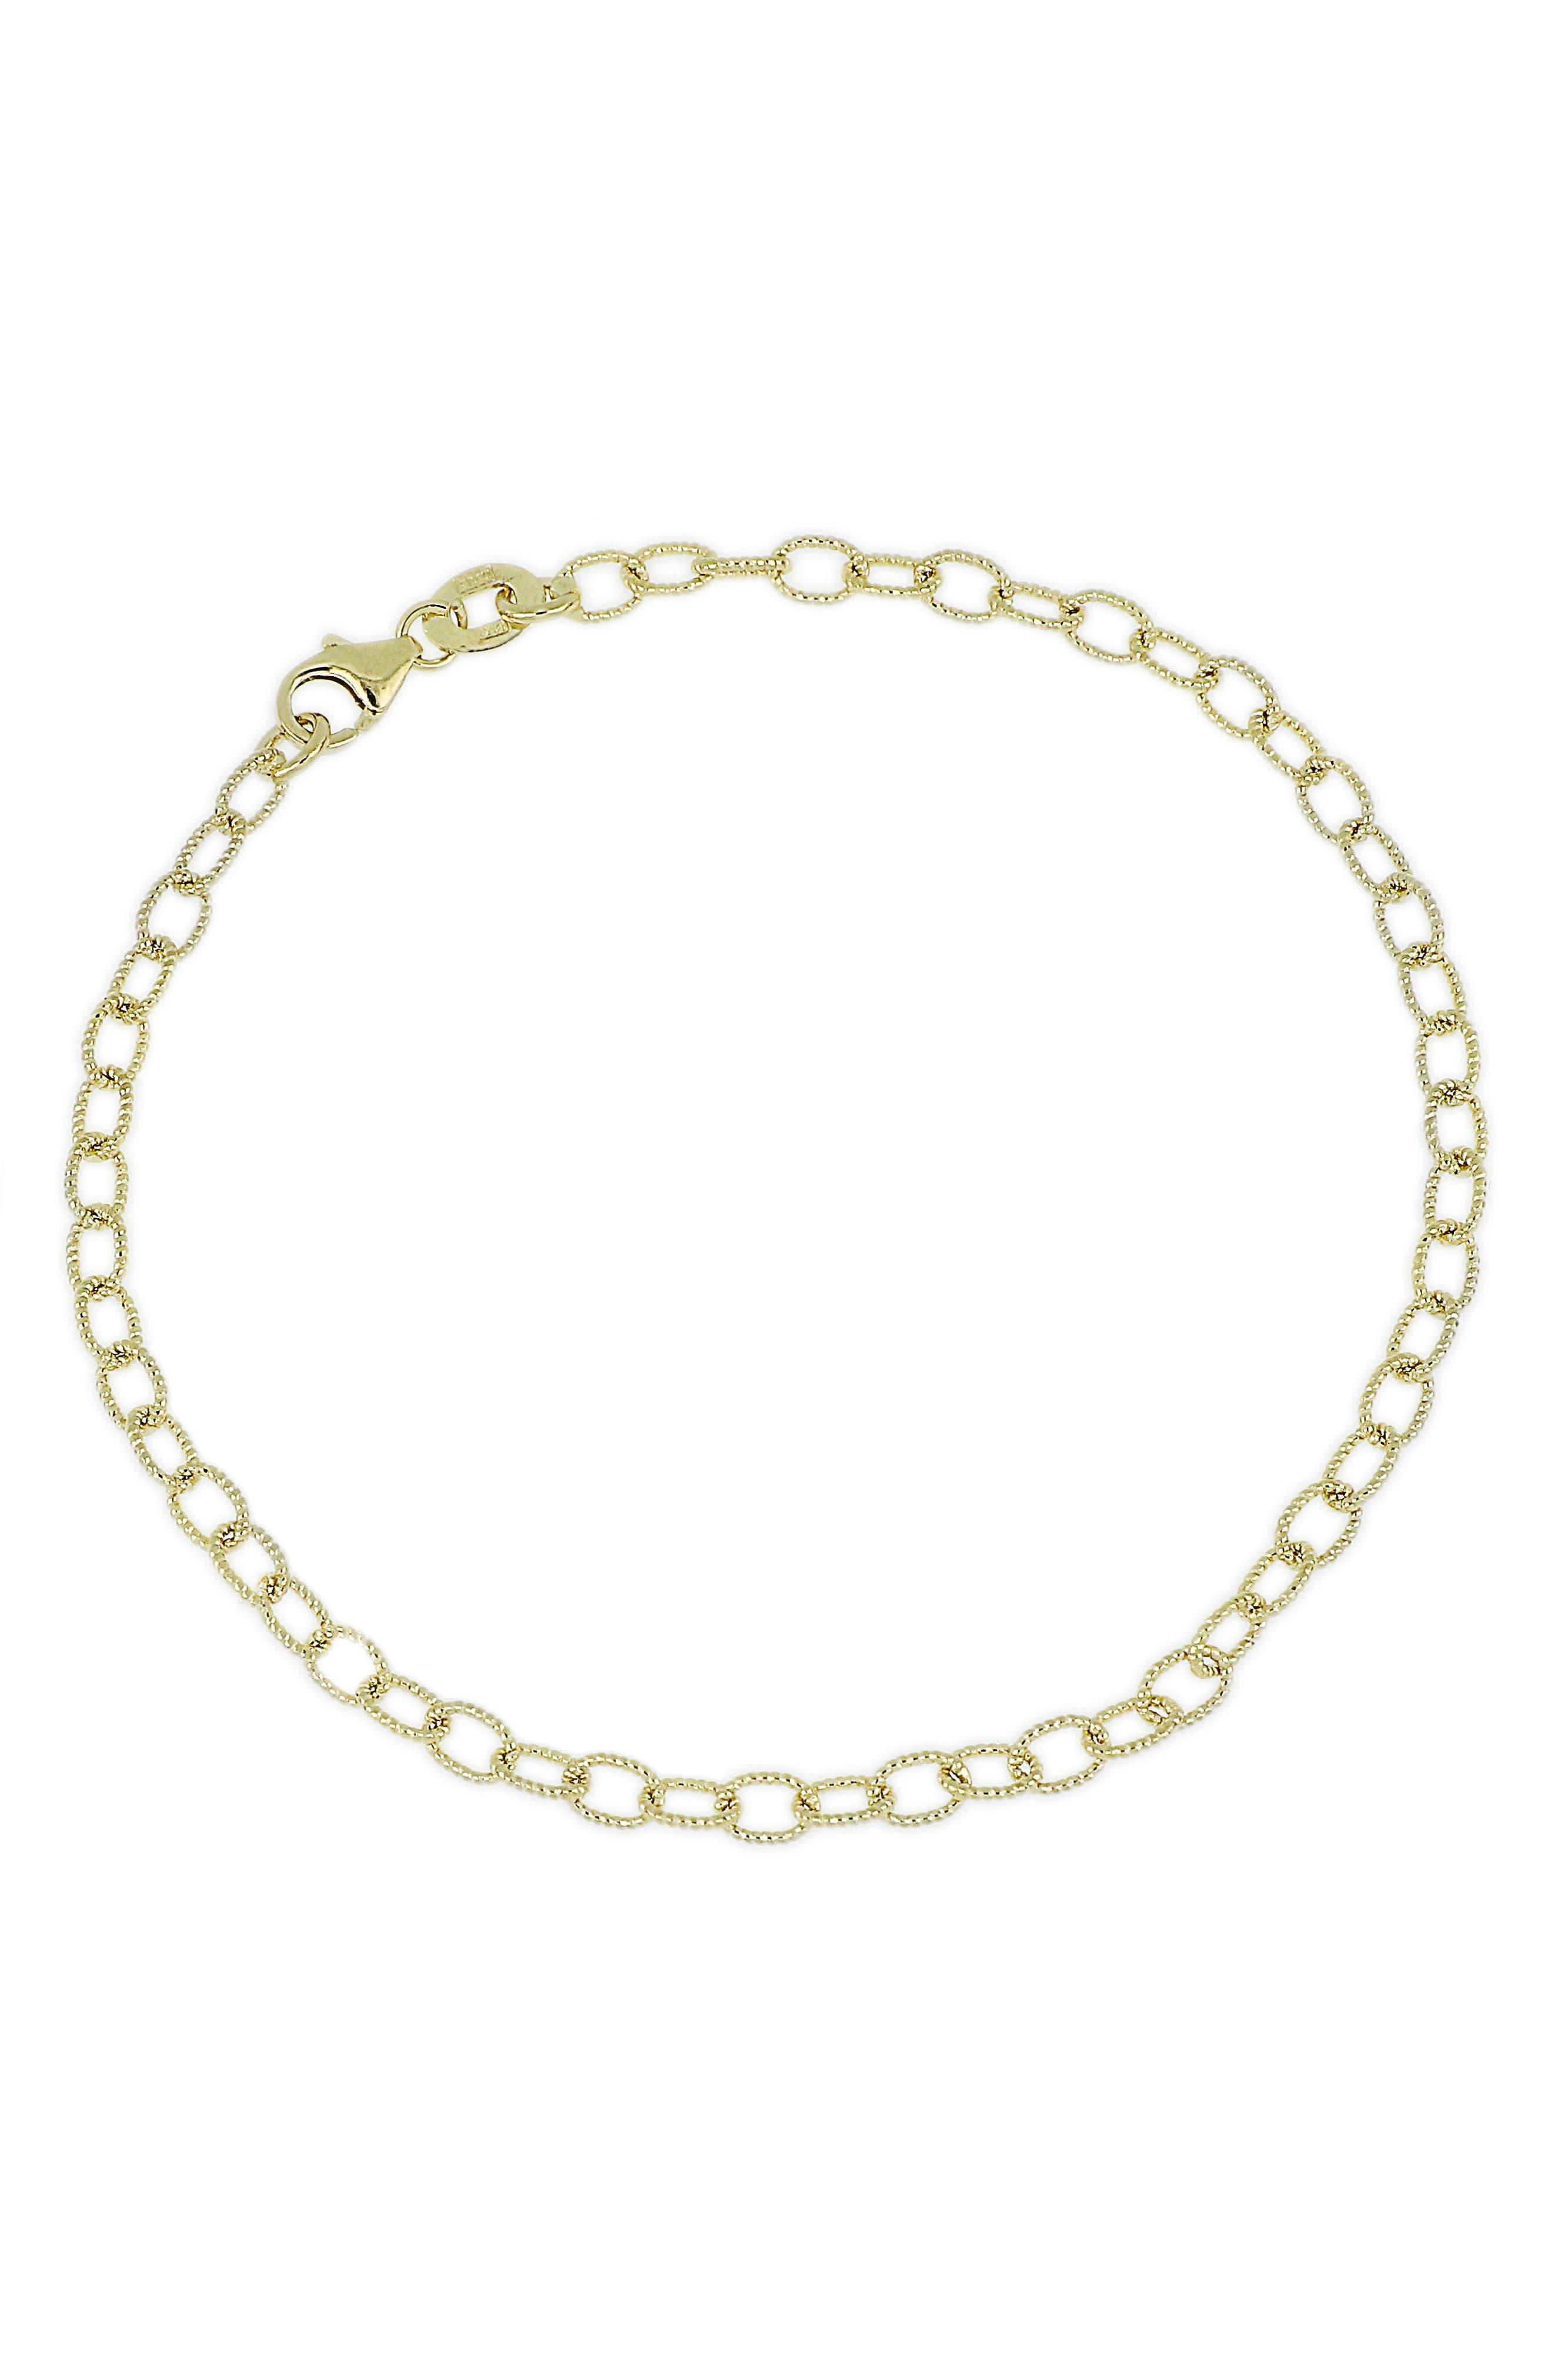 14k Gold Link Charm Bracelet,                         Main,                         color, 710